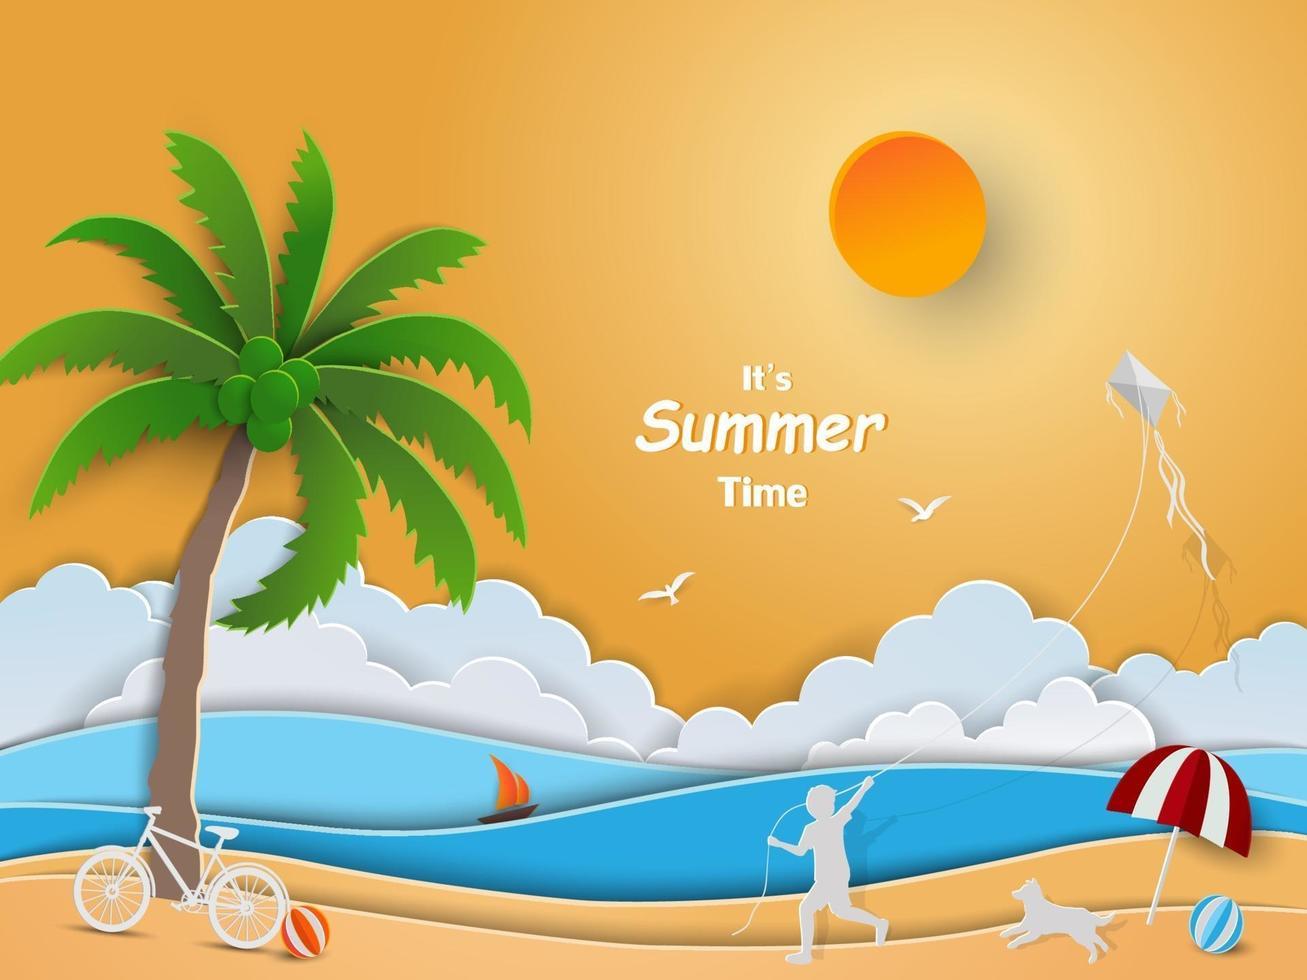 conception d'art papier avec le concept de l'heure d'été, enfant heureux jouant avec cerf-volant sur la plage vecteur